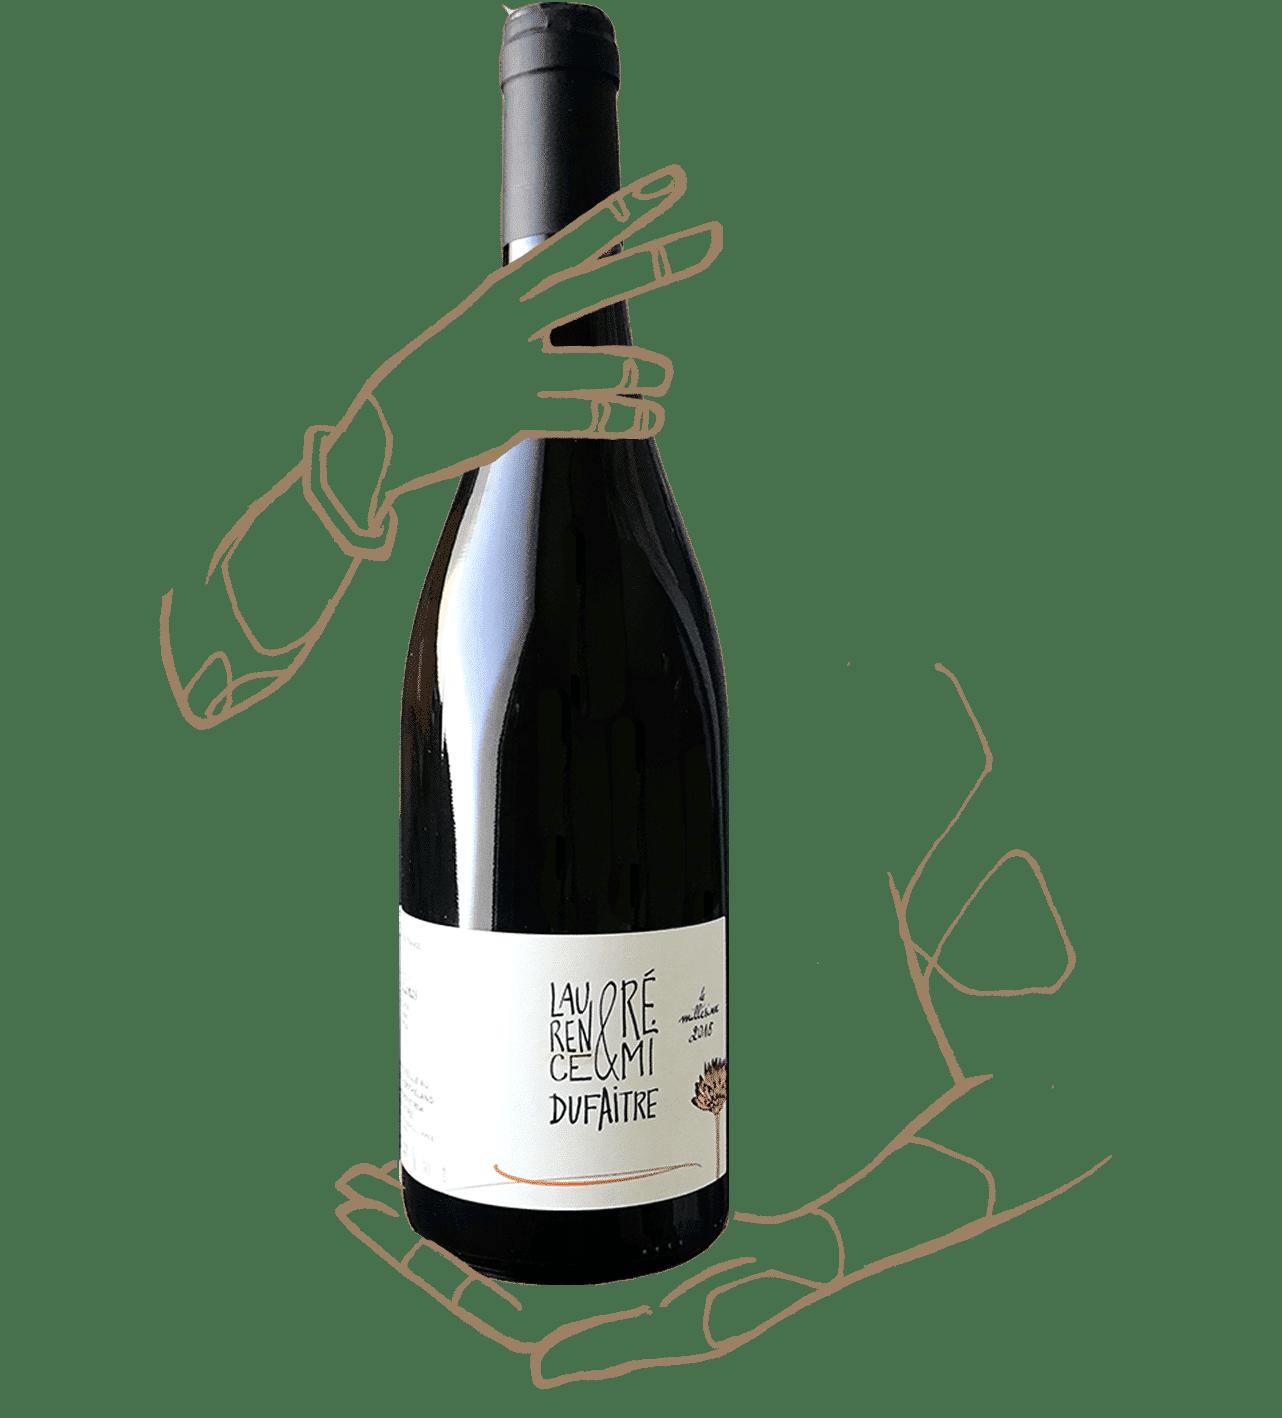 Julienas est un vin naturel rouge du domaine Dufaitre